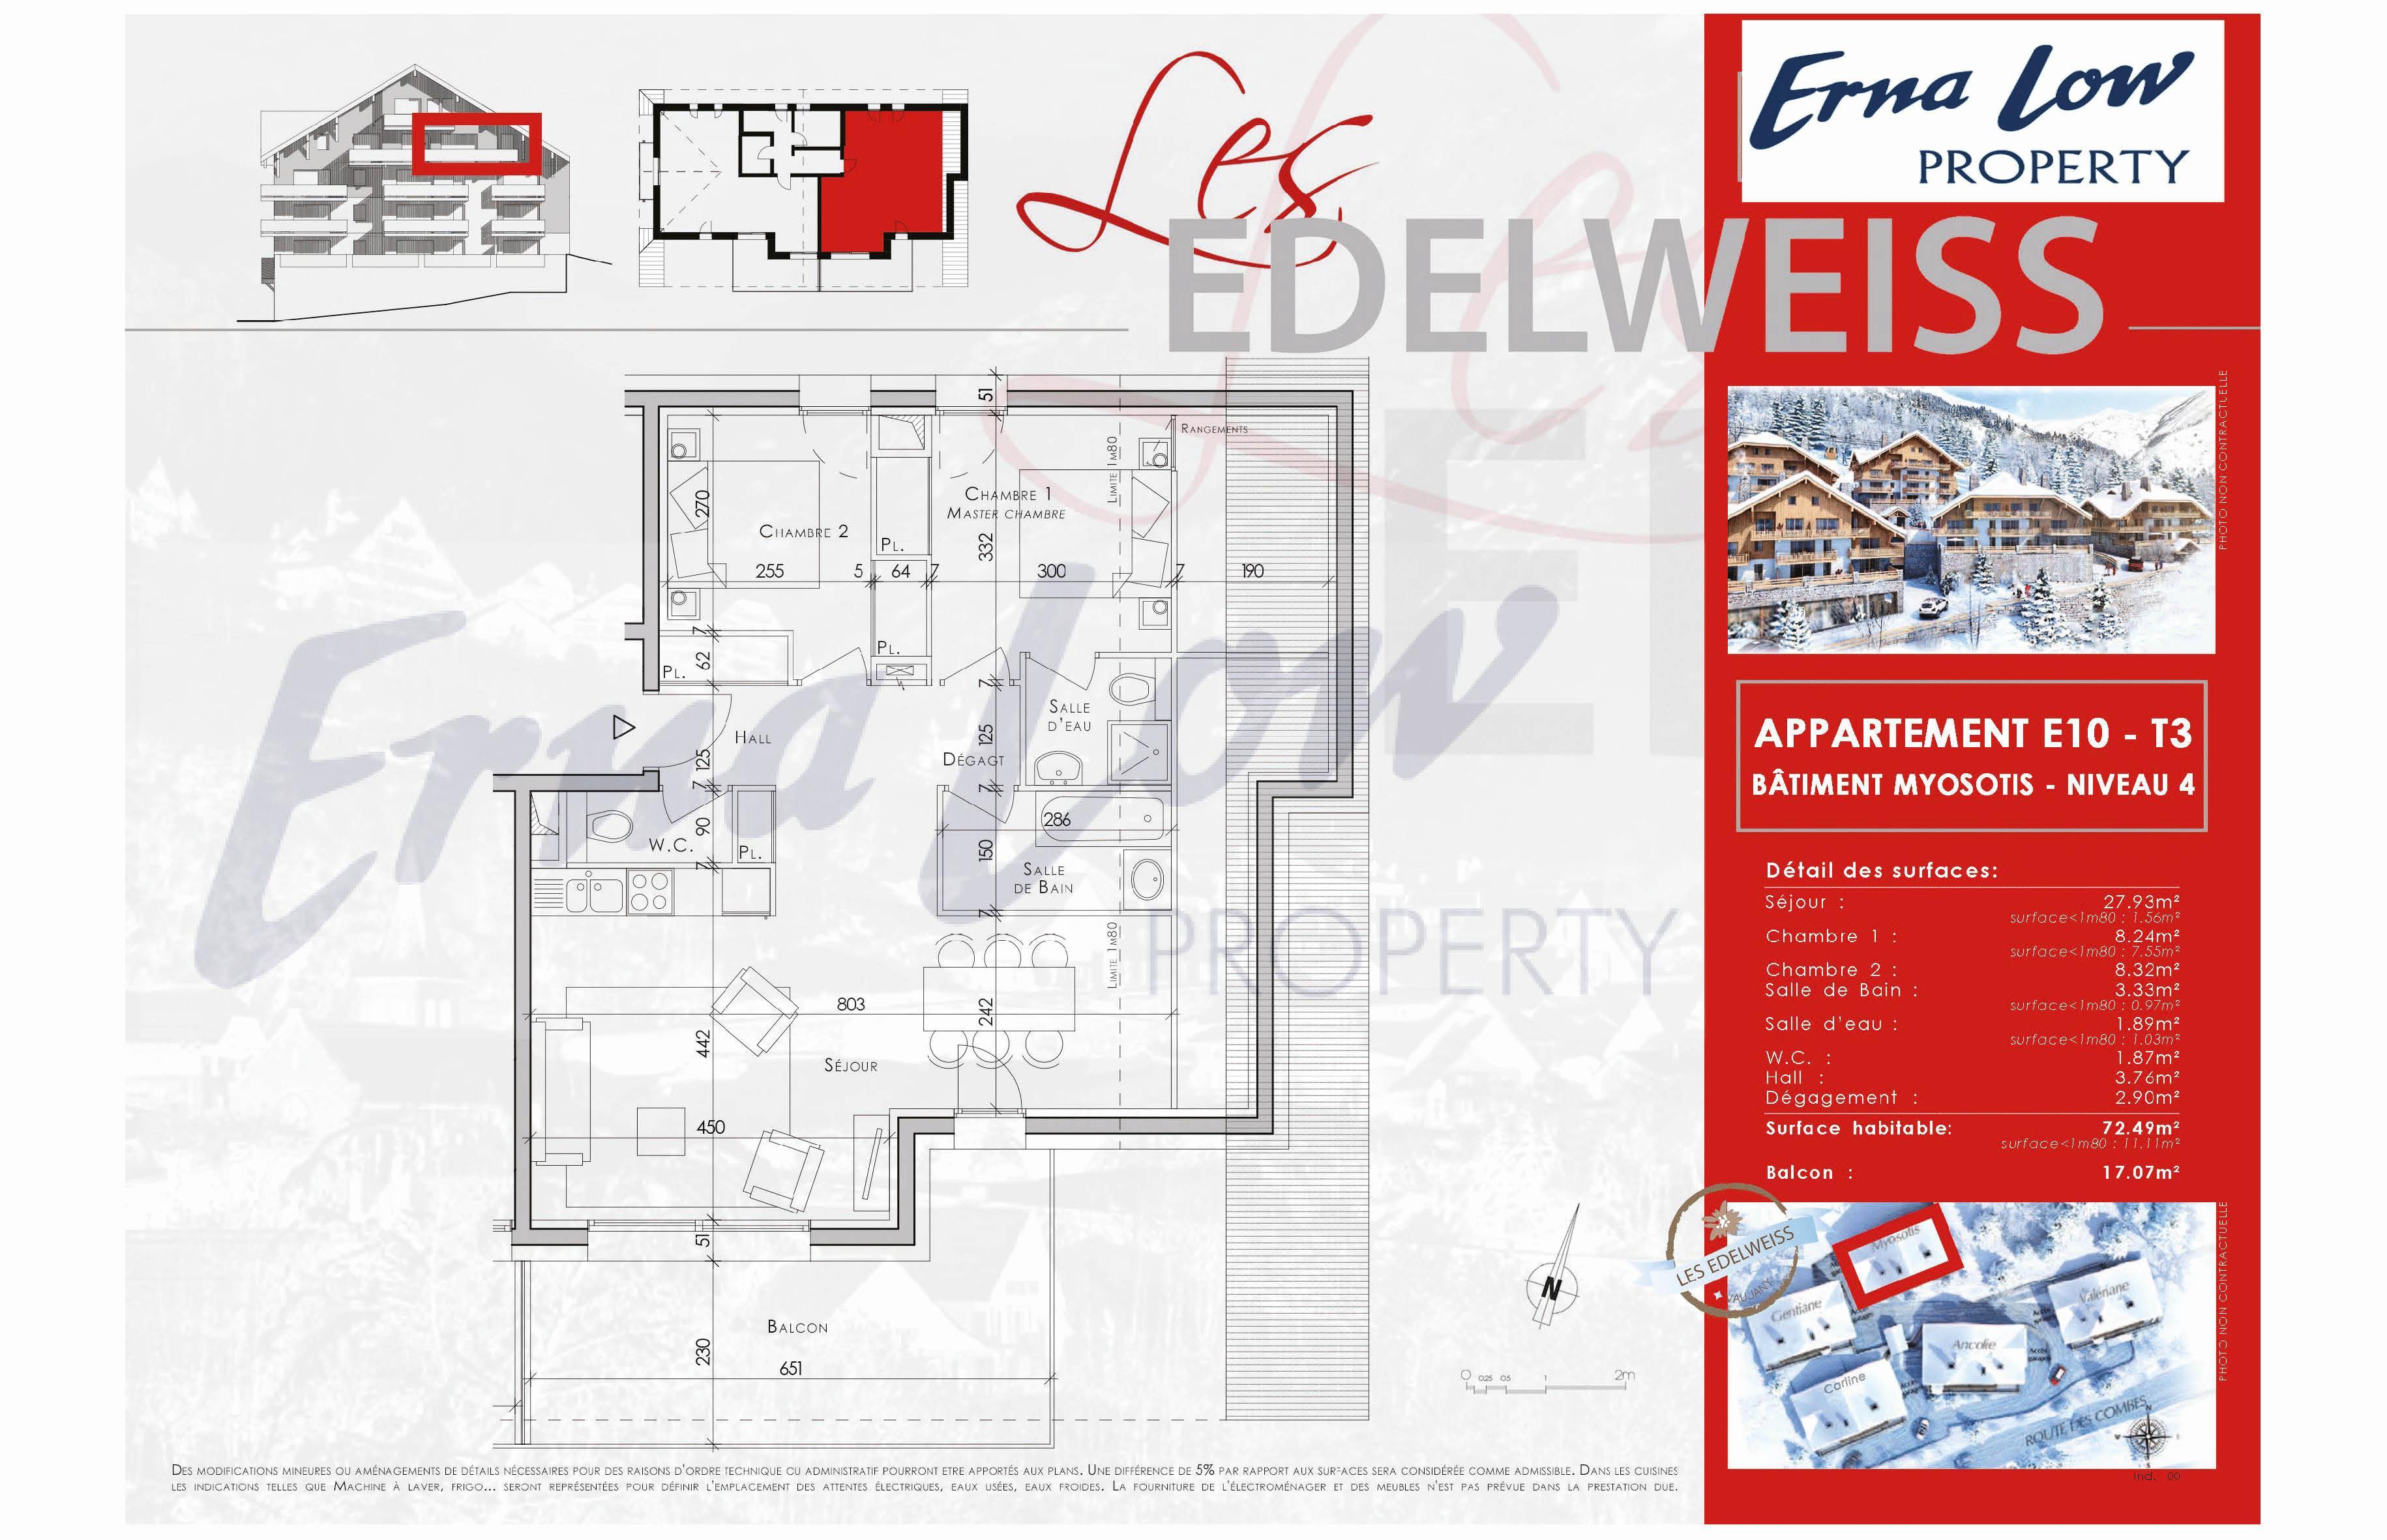 VAUJANY- LES EDELWEISS (2 BED) VAUJANY